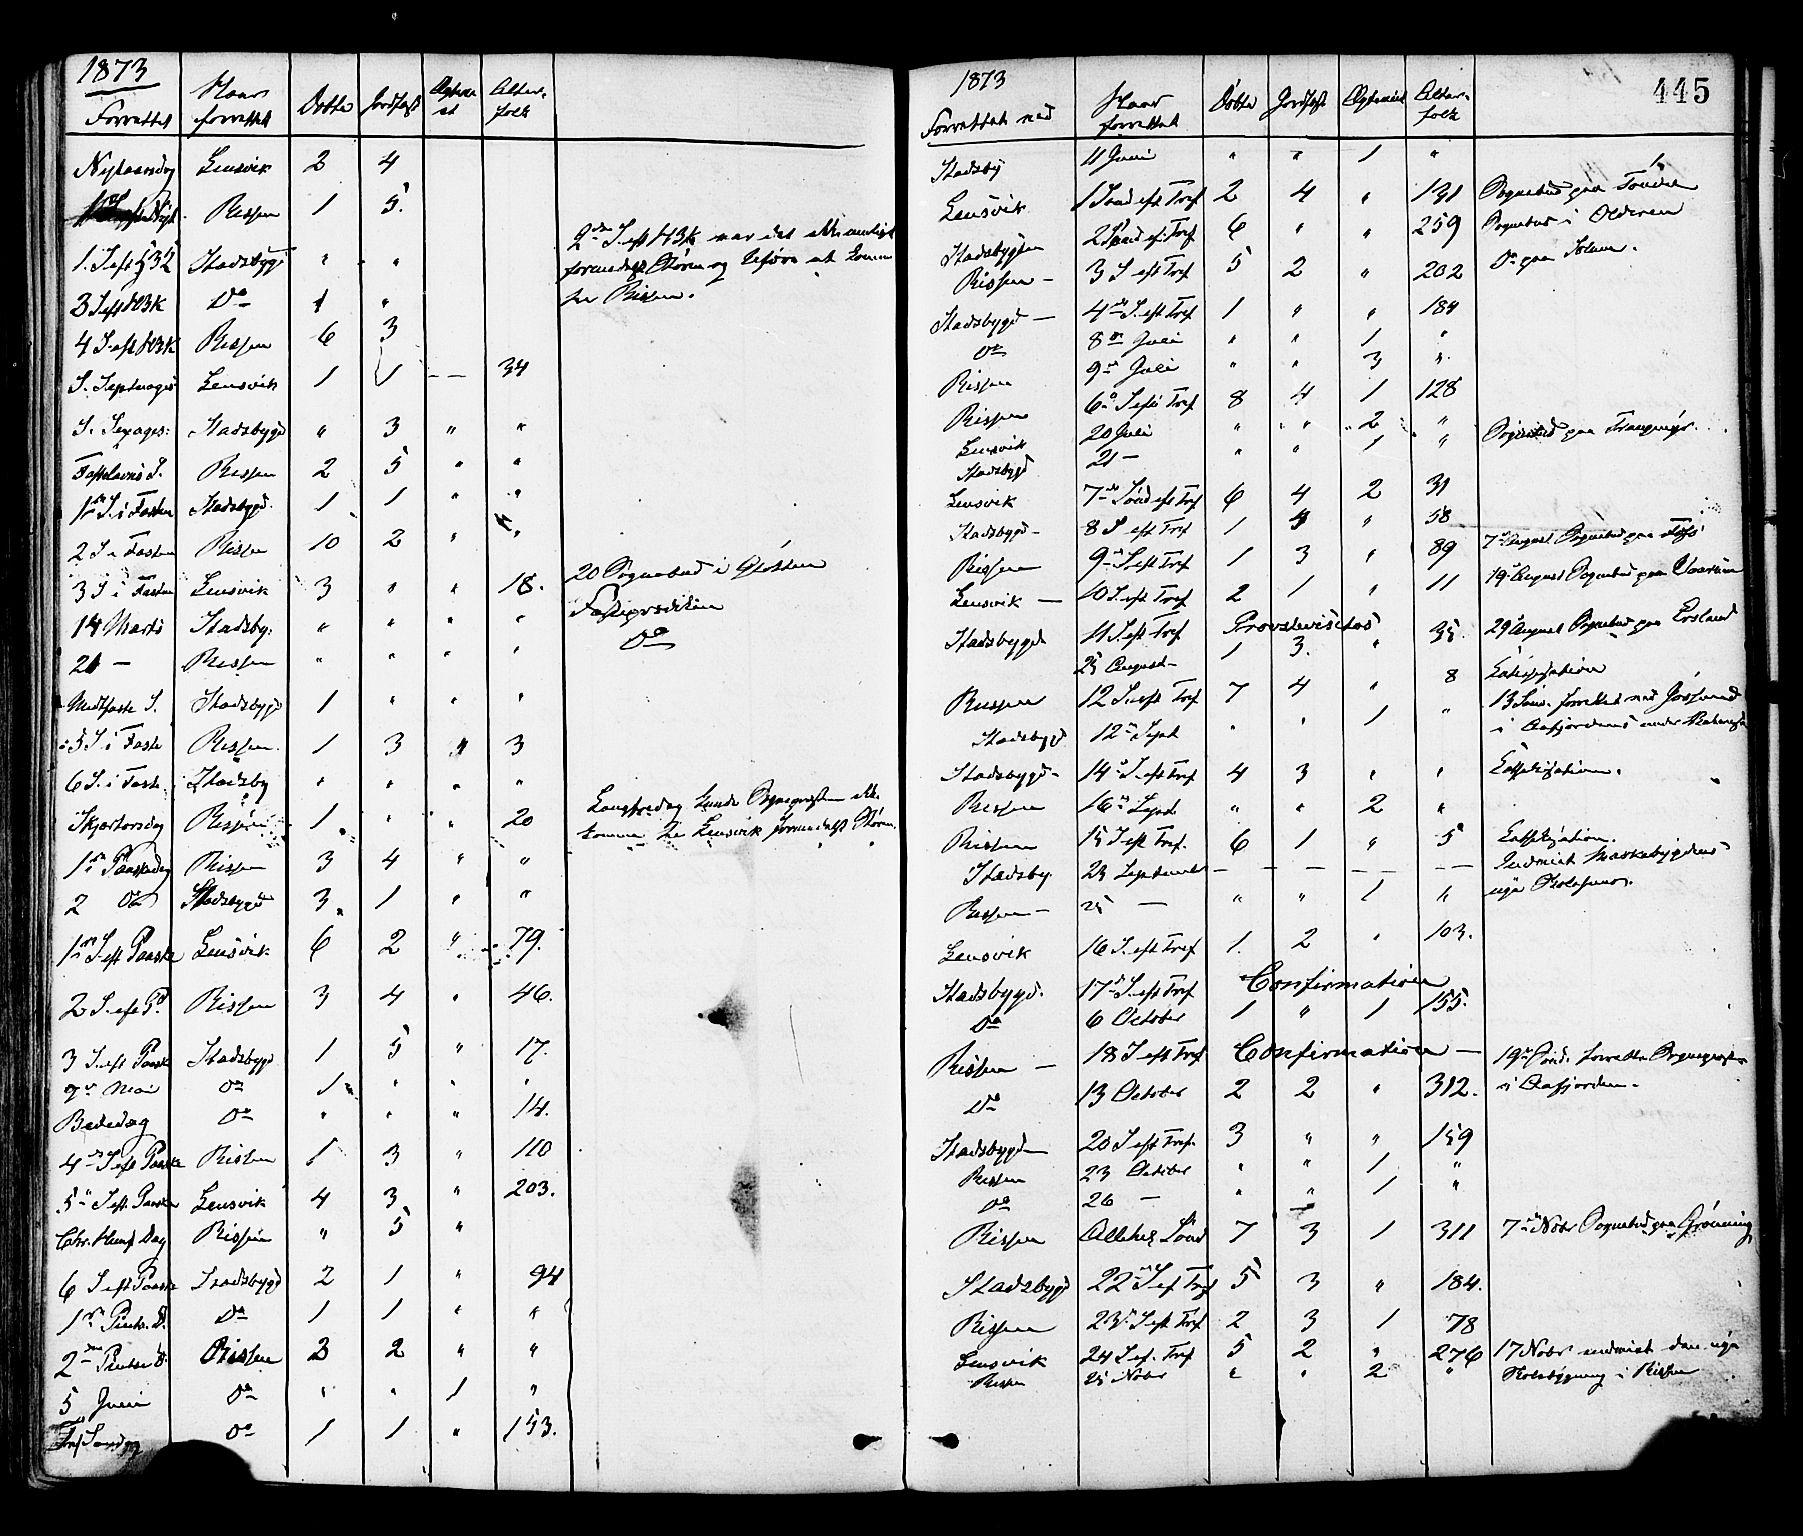 SAT, Ministerialprotokoller, klokkerbøker og fødselsregistre - Sør-Trøndelag, 646/L0613: Ministerialbok nr. 646A11, 1870-1884, s. 445